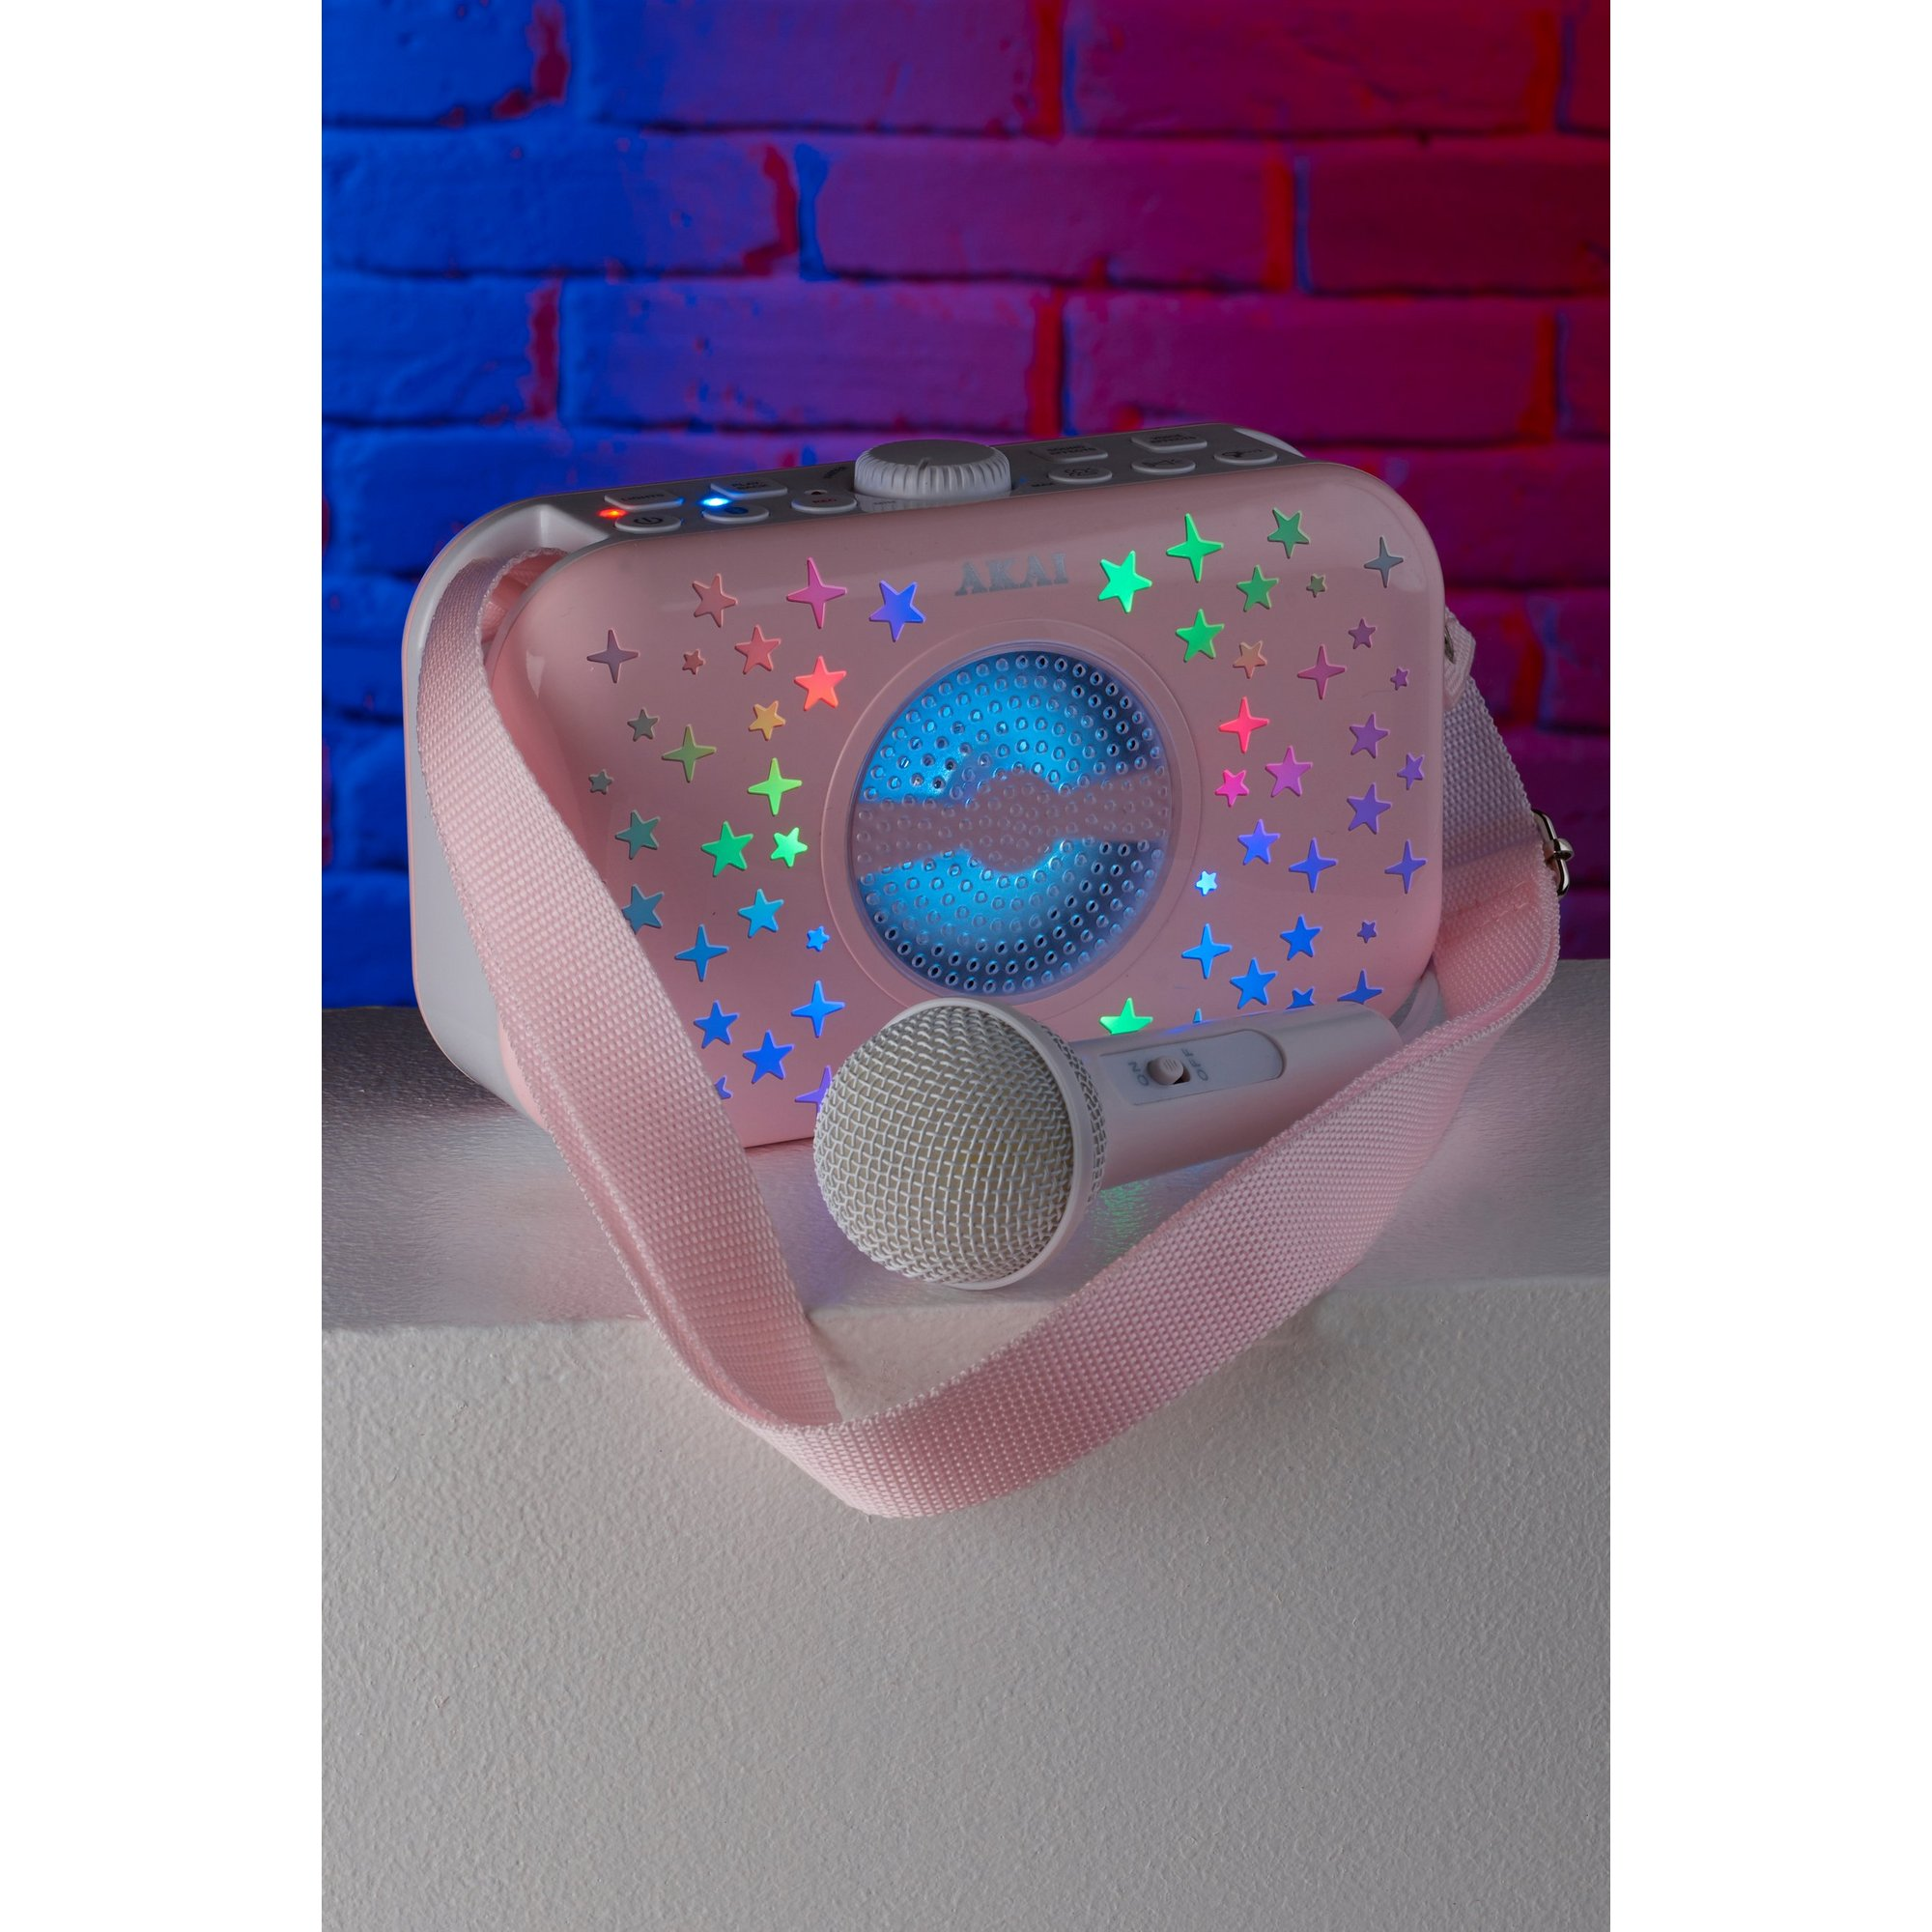 Image of AKAI LED Handbag Bluetooth Karaoke Speaker